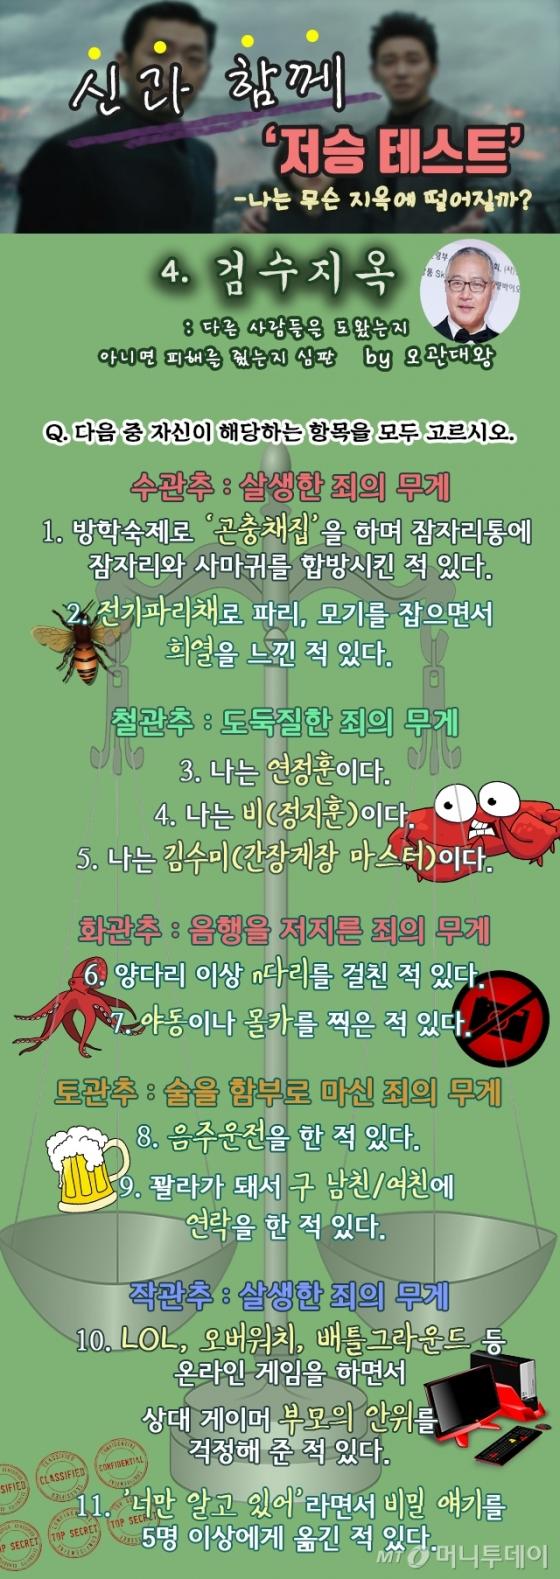 """'신과 함께' 저승투어 """"대한민국 3대 도둑이 빠질 지옥은?"""""""